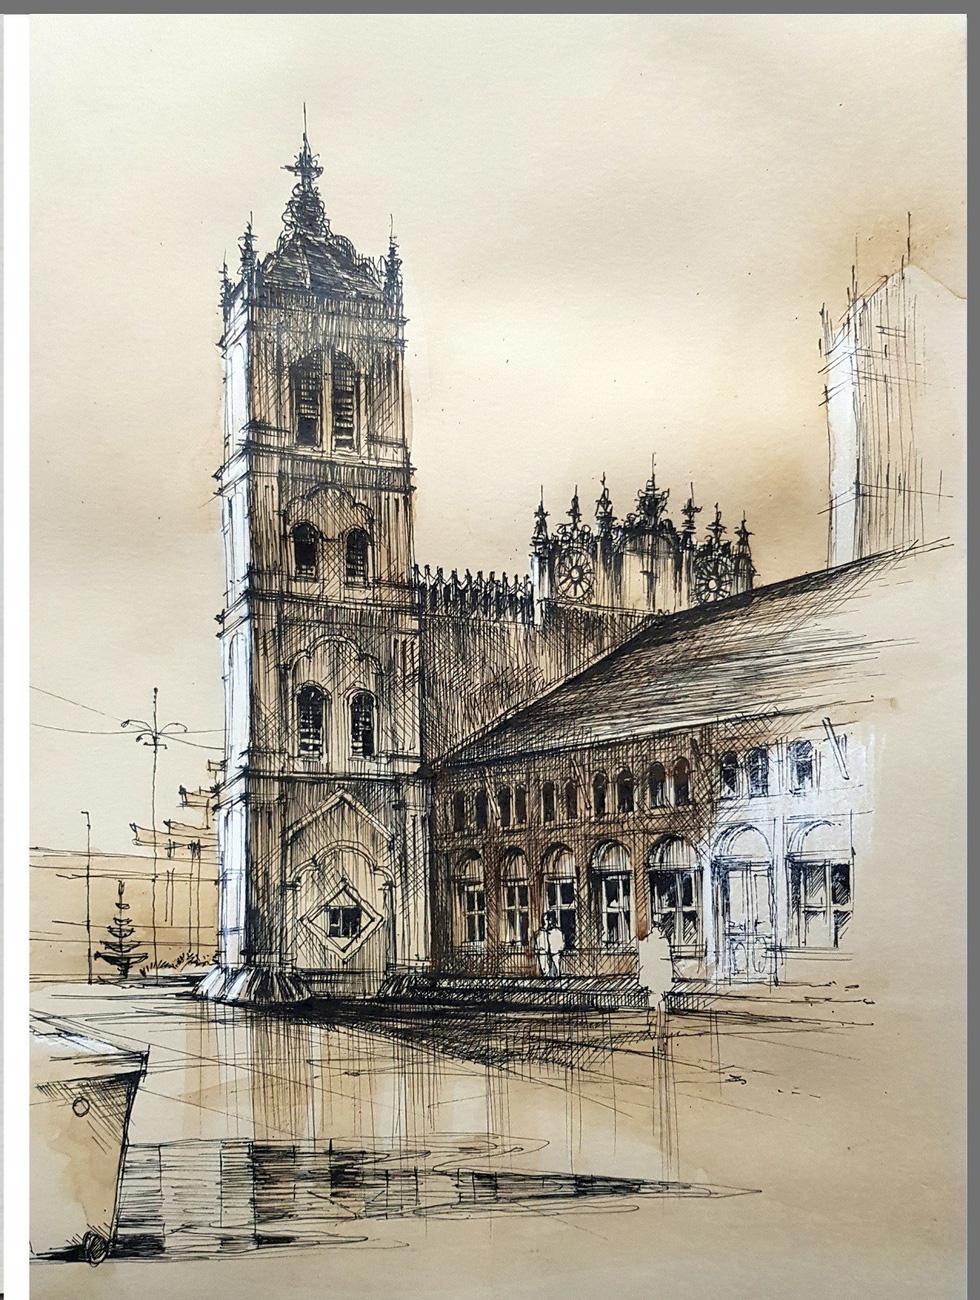 Giáo dân Bùi Chu phát hiện nhà thờ của mình lộng lẫy trên... ký họa - Ảnh 14.